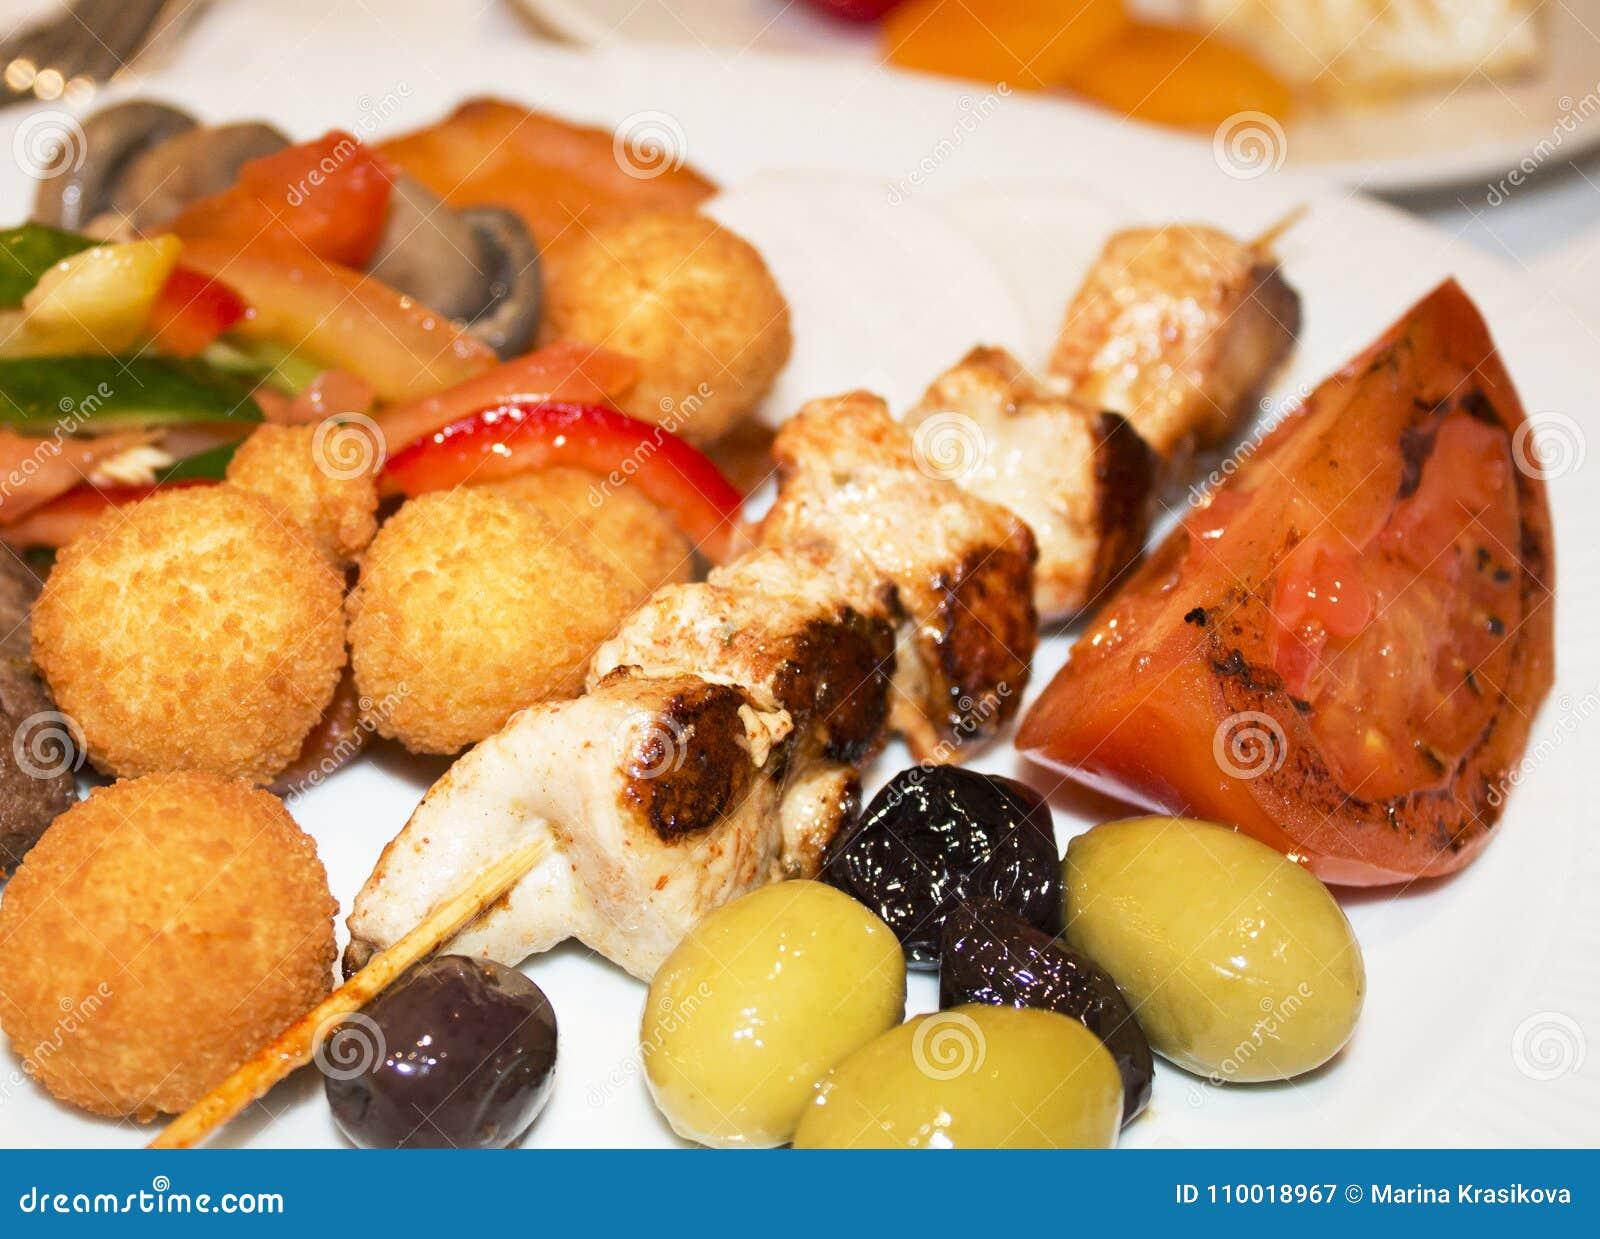 Op een plaat is er een kip shashlik met aardappels, olijven, ol